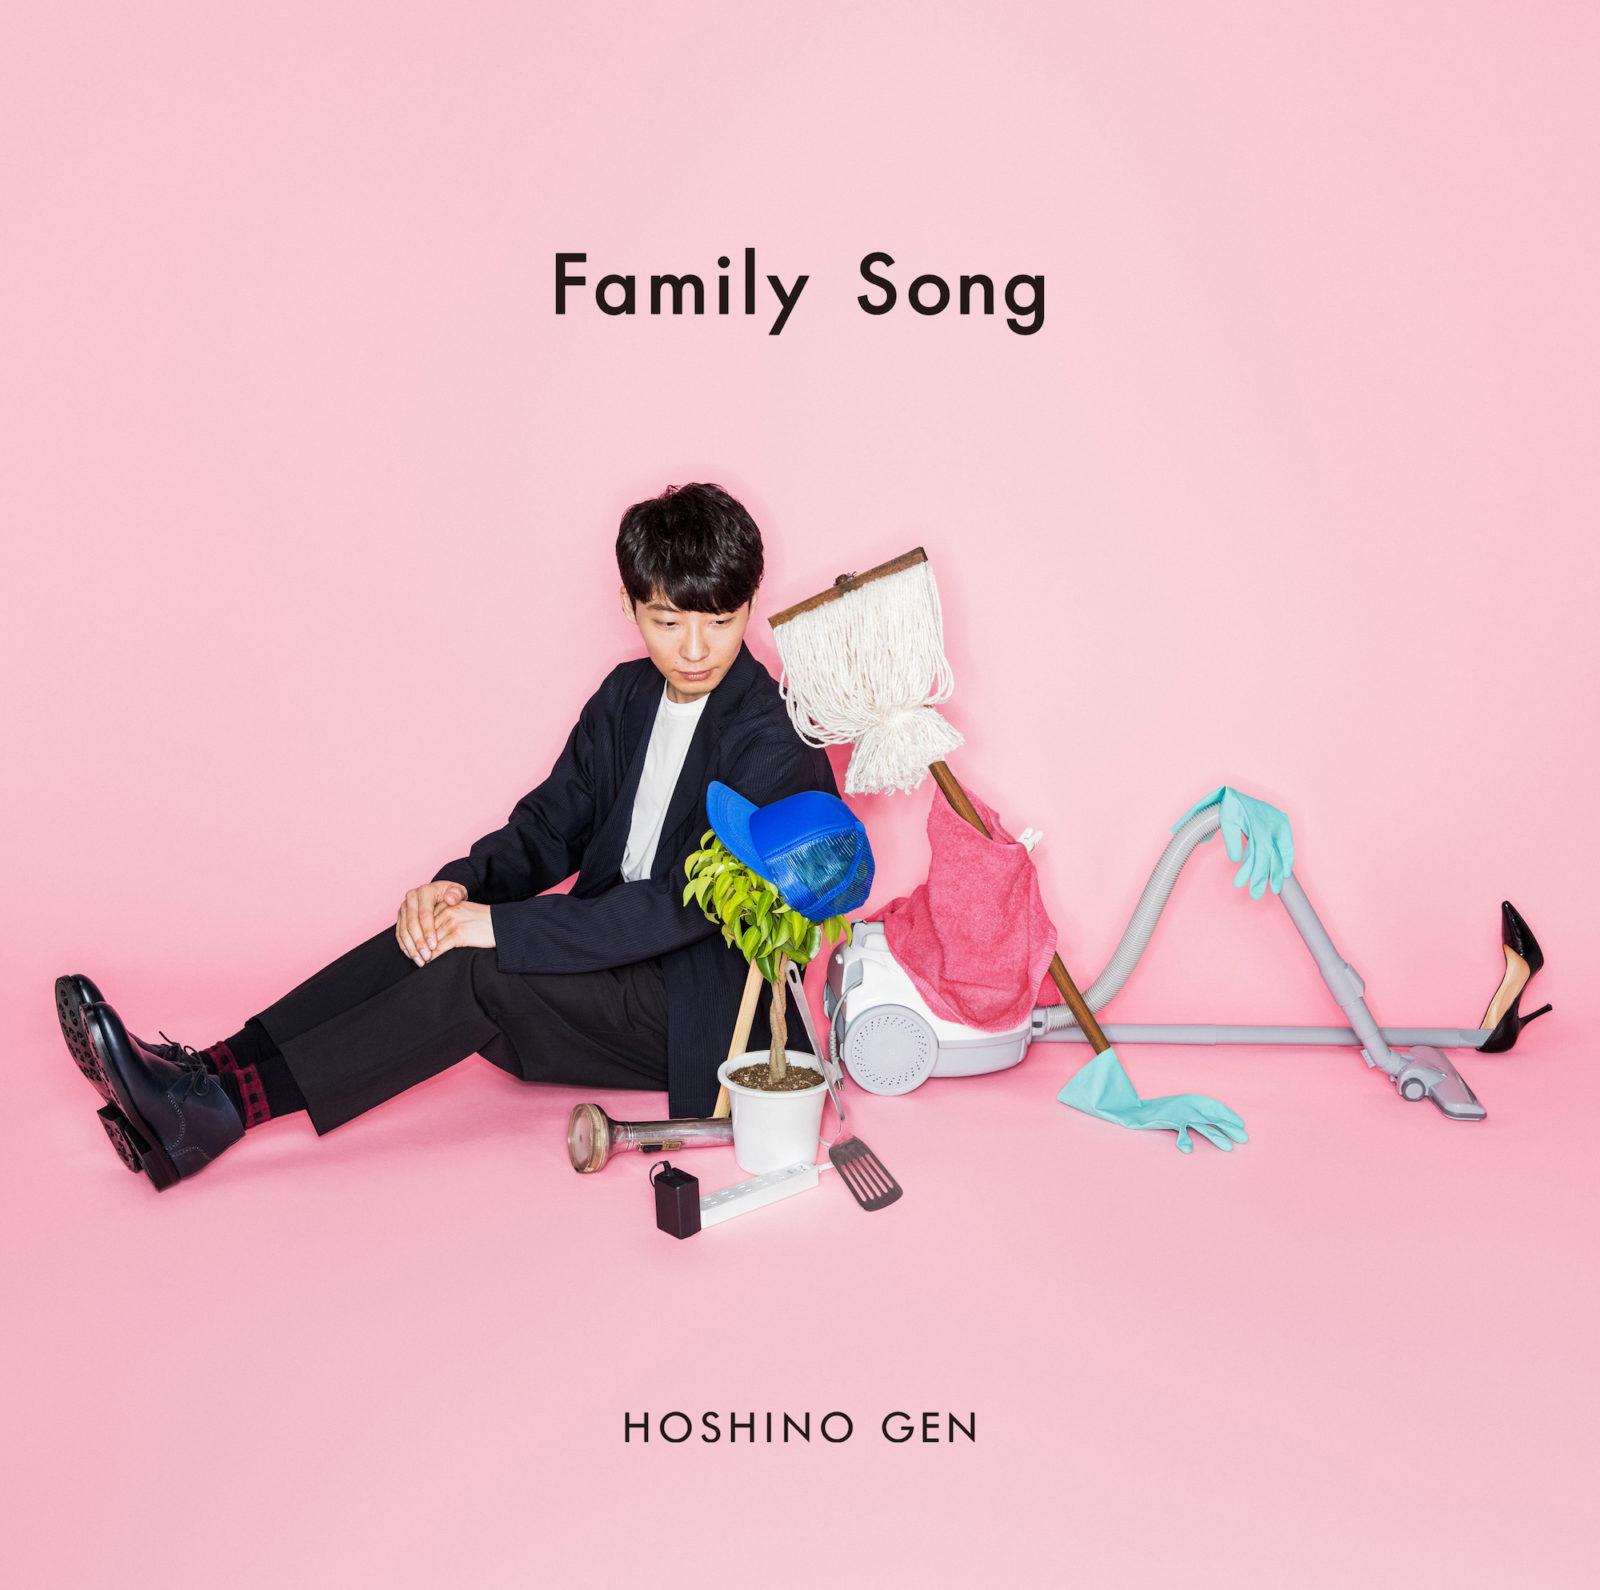 星野源、最新シングル「Family Song」が全国主要ラジオ局でO.A.された楽曲ランキングで年間チャート1位にサムネイル画像